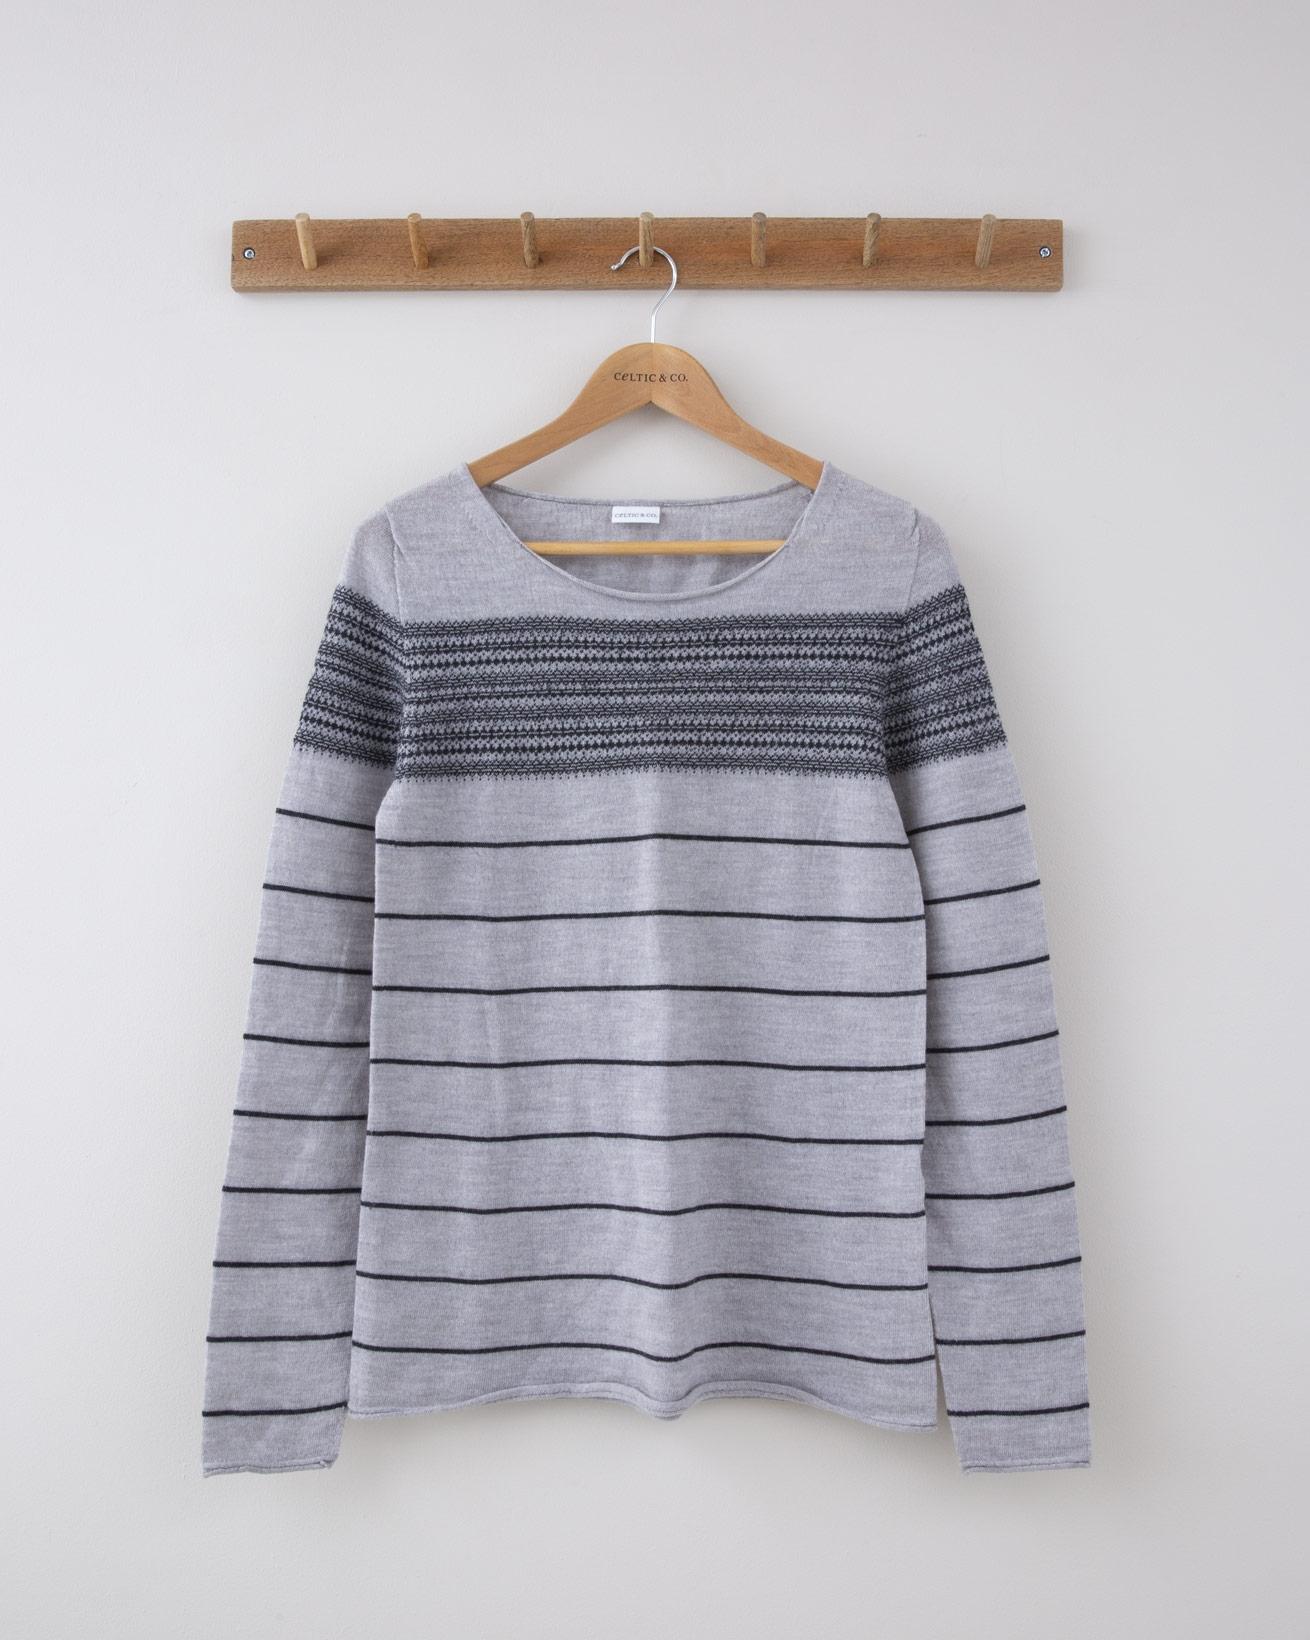 Fine Knit Merino Crew Neck - Small - Silver Grey Yoke Fairisle Stripe - 1262